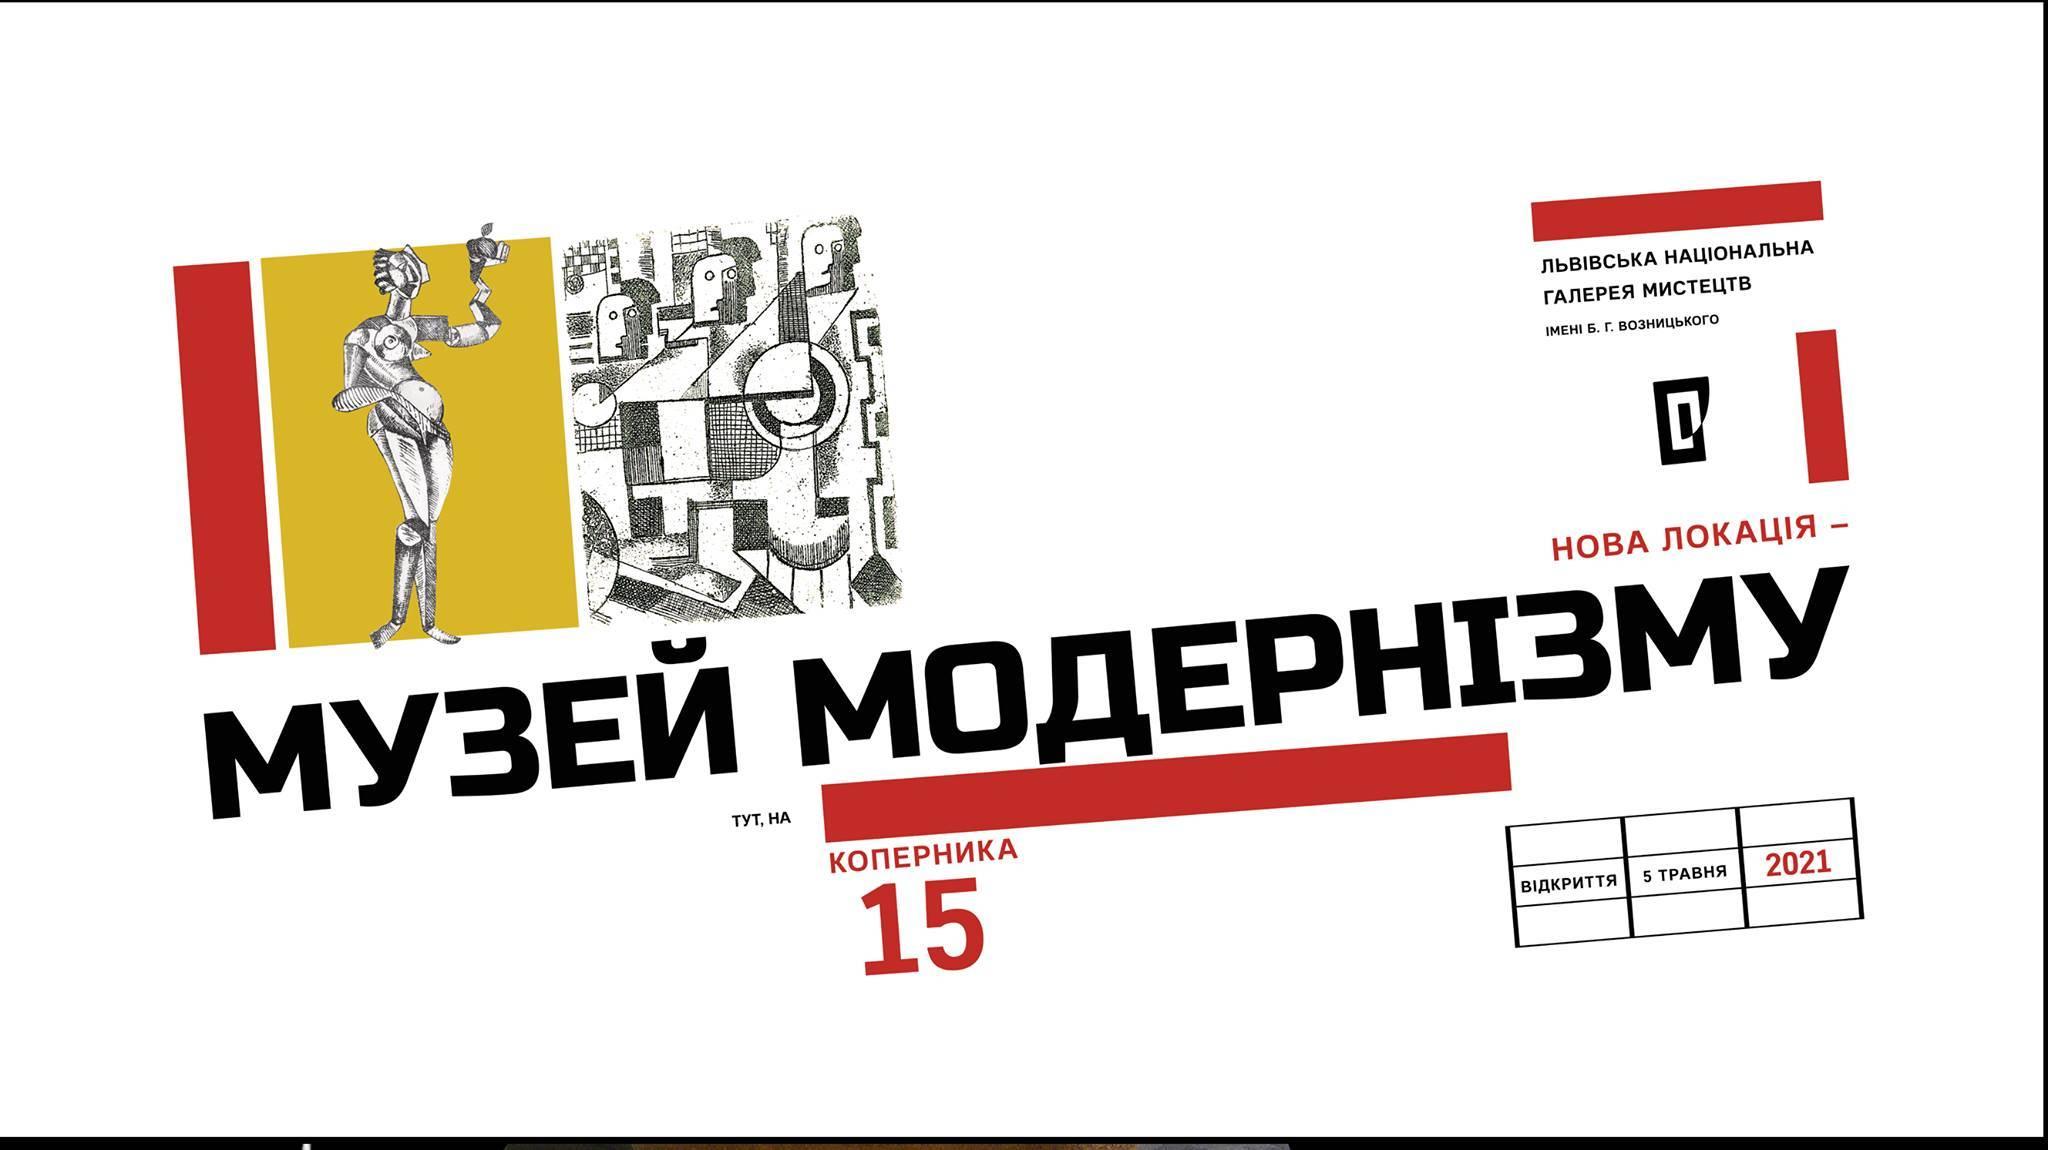 Відкриття Музею модернізму (Львів)